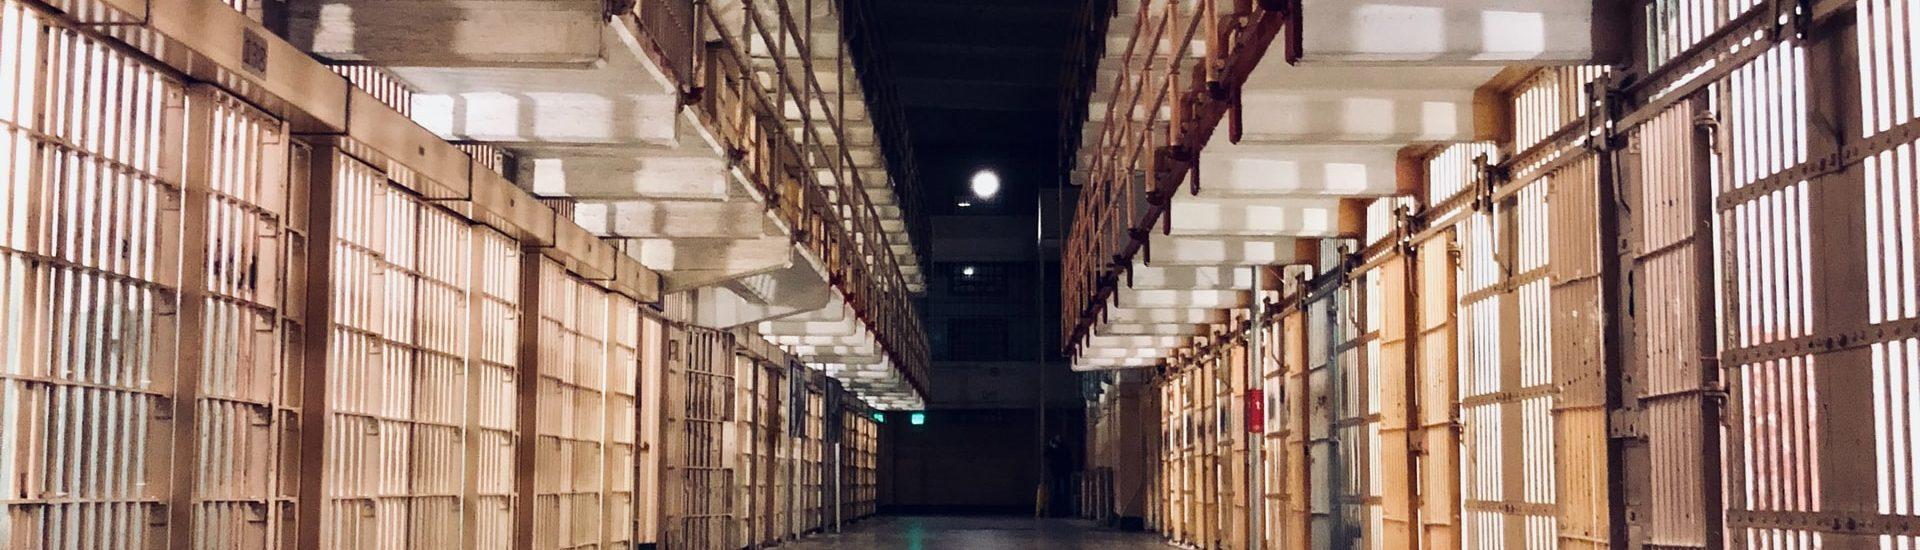 Εκπαιδευτικοί στις Φυλακές: Αποσυμφόρηση Τώρα!